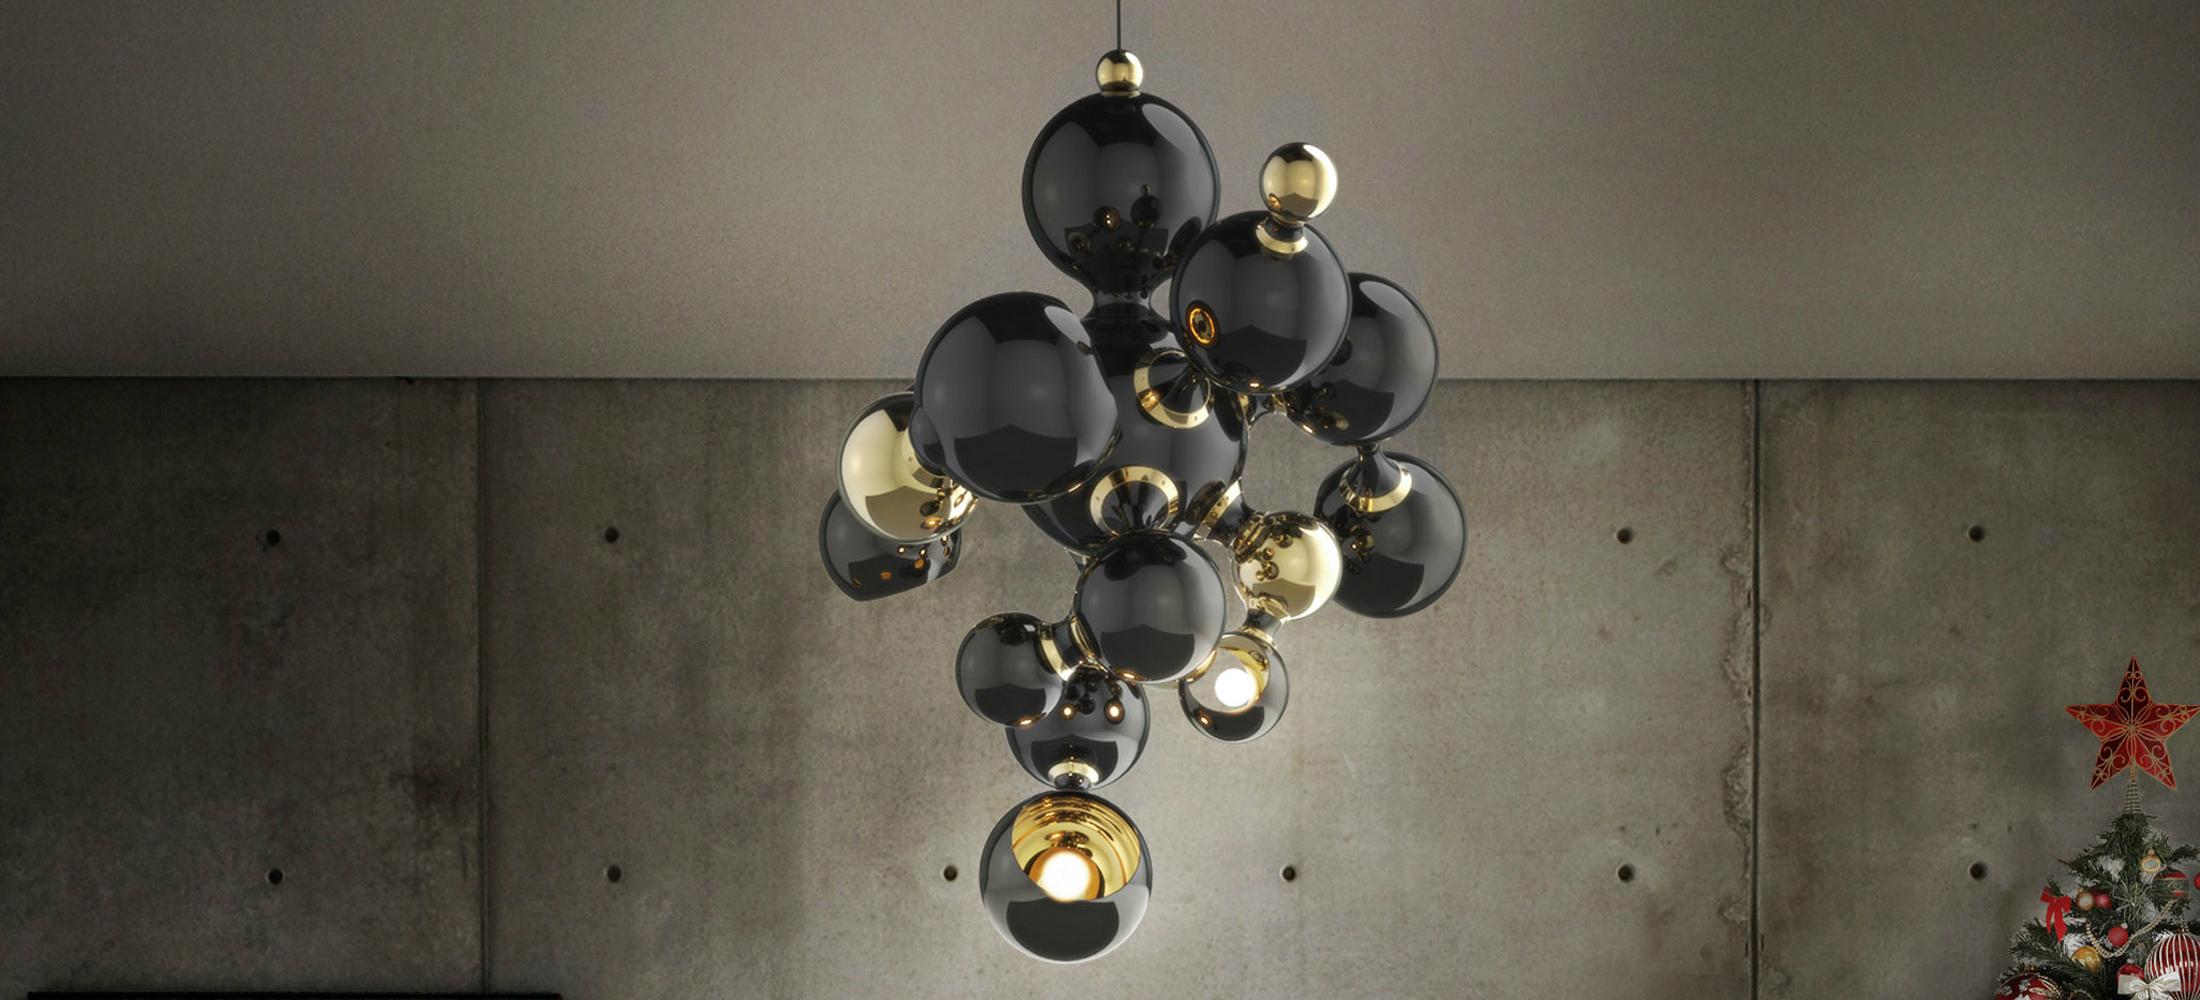 Dicas De Decoración Dicas De Decoración: La Lámpara Favorita del diseñador Philippe Model 4064367c2fcb134d401c33ab9d5fff32